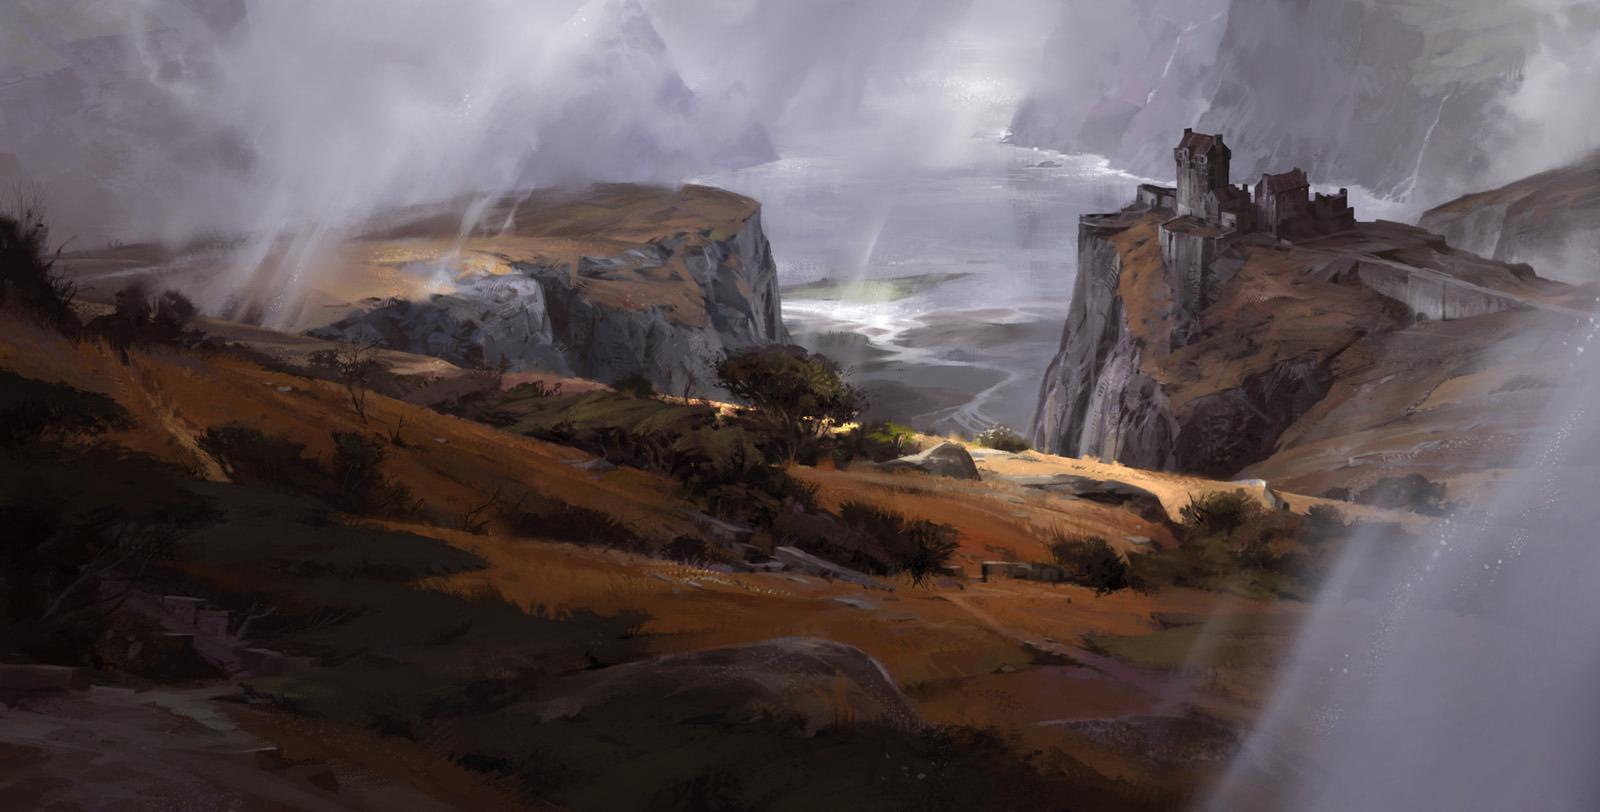 Highland Gap, Dorje (click to enlarge)